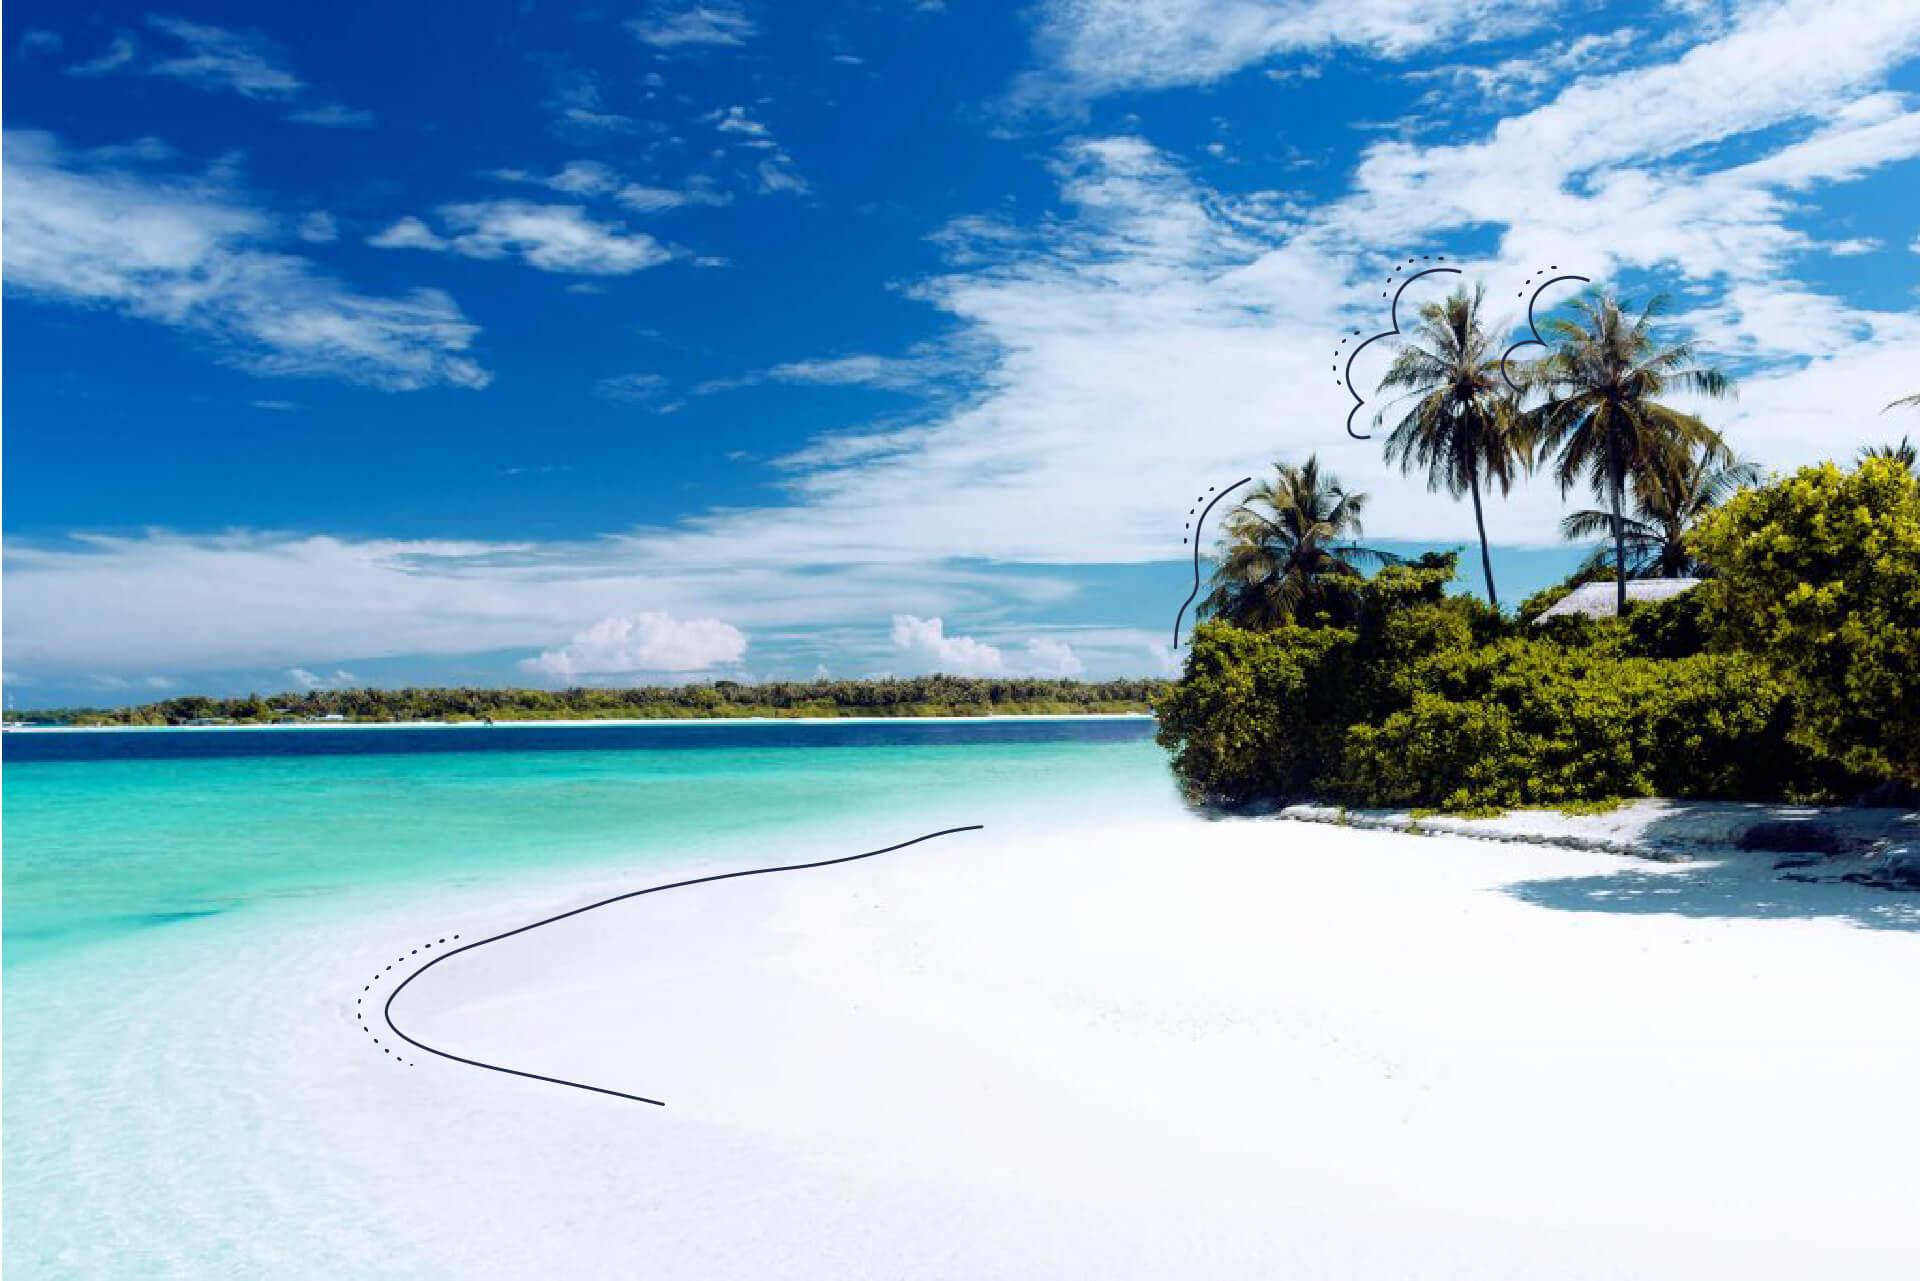 Blauer Himmerl, türkises Wasser, weißer Strand und grüne Palmen. | eggheads.net